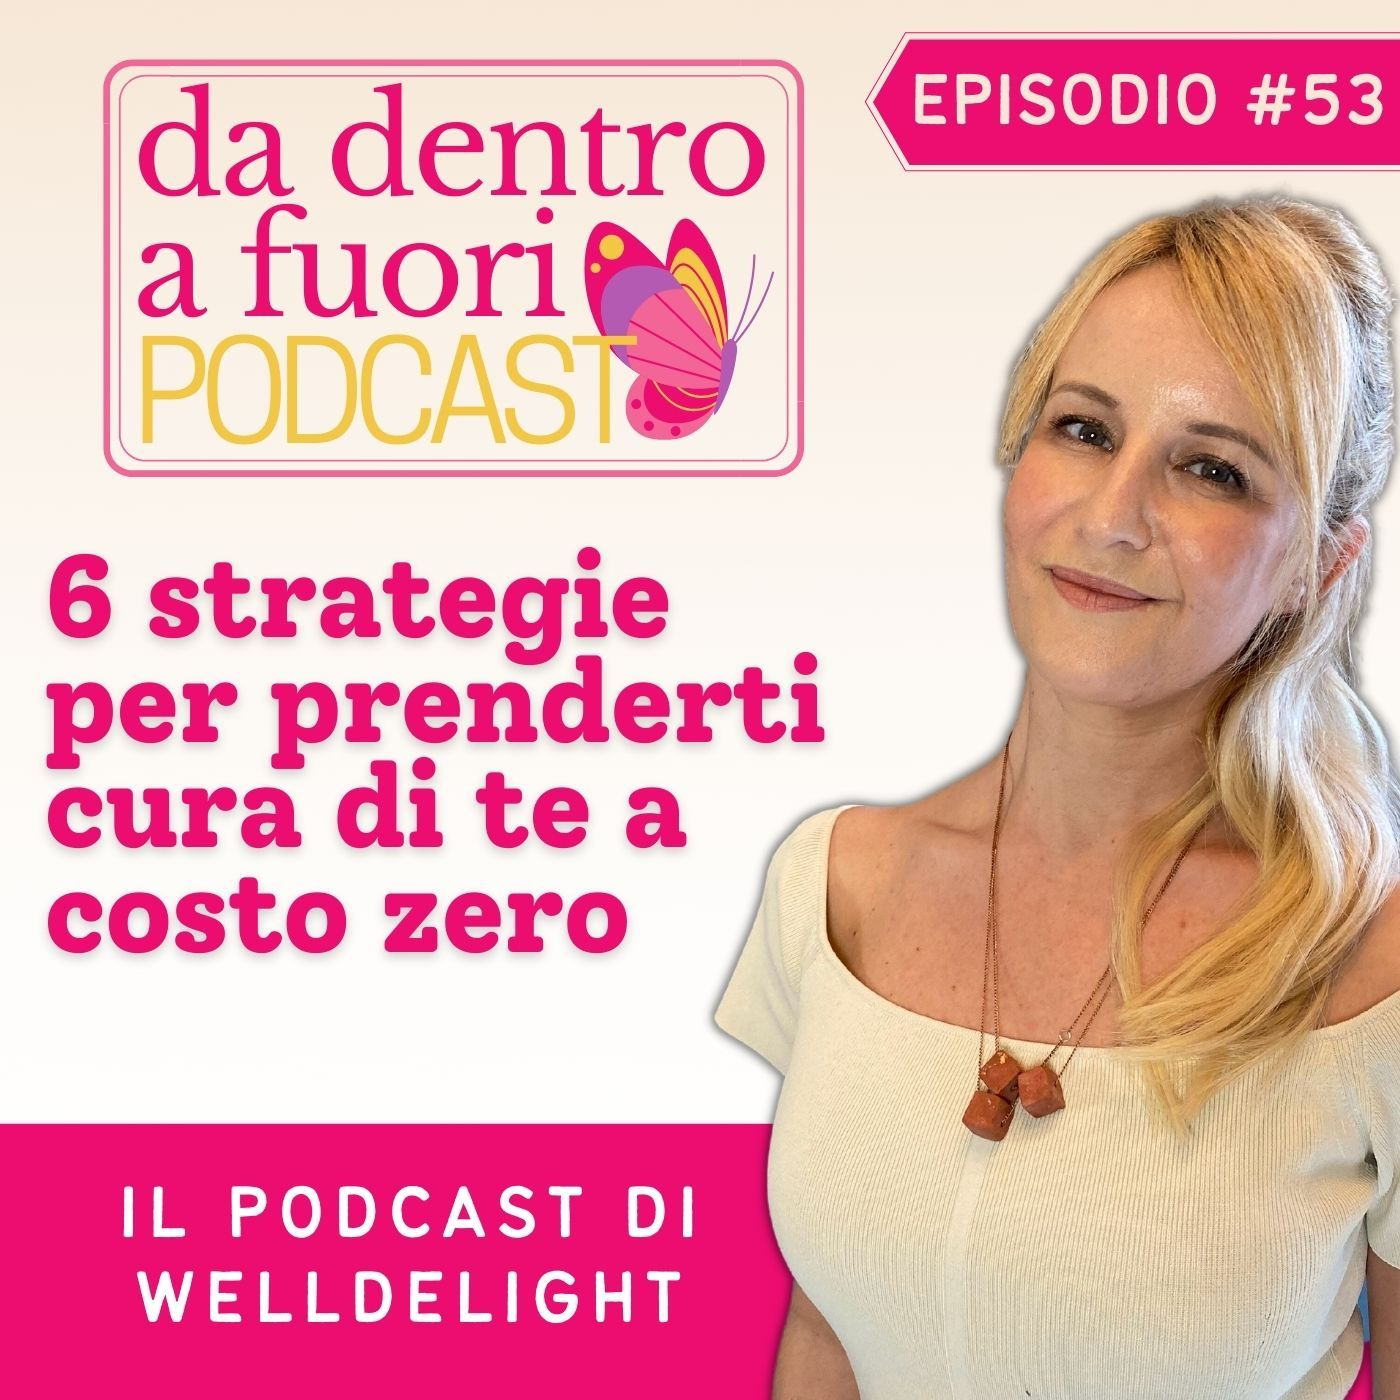 6 strategie per prenderti cura di te a costo zero